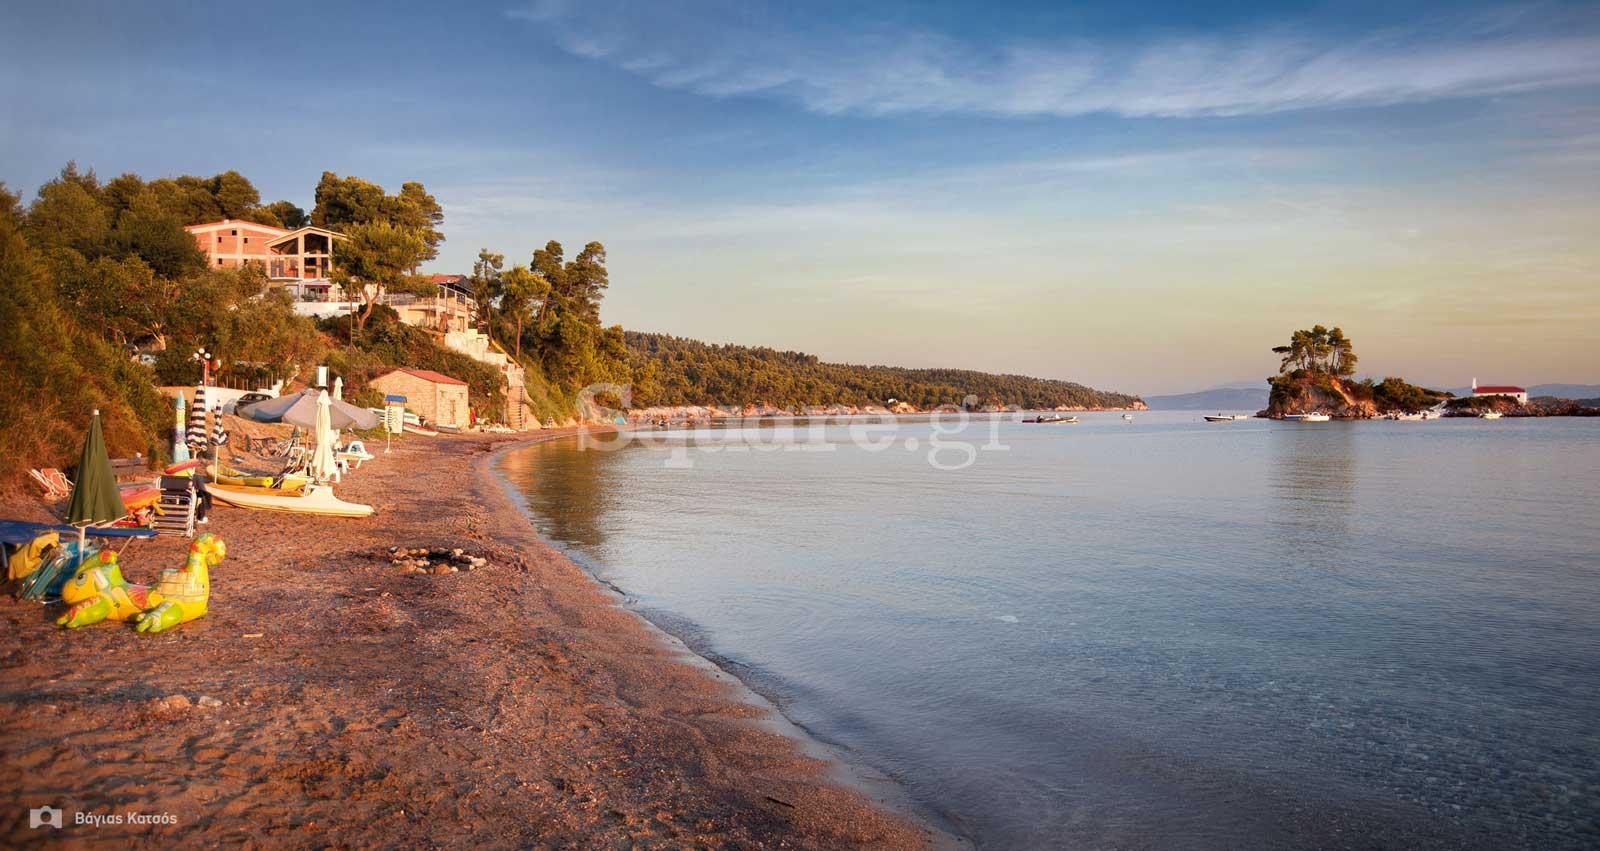 _Παραλία-Ελληνικά-Βόρεια-Εϋβοια-2